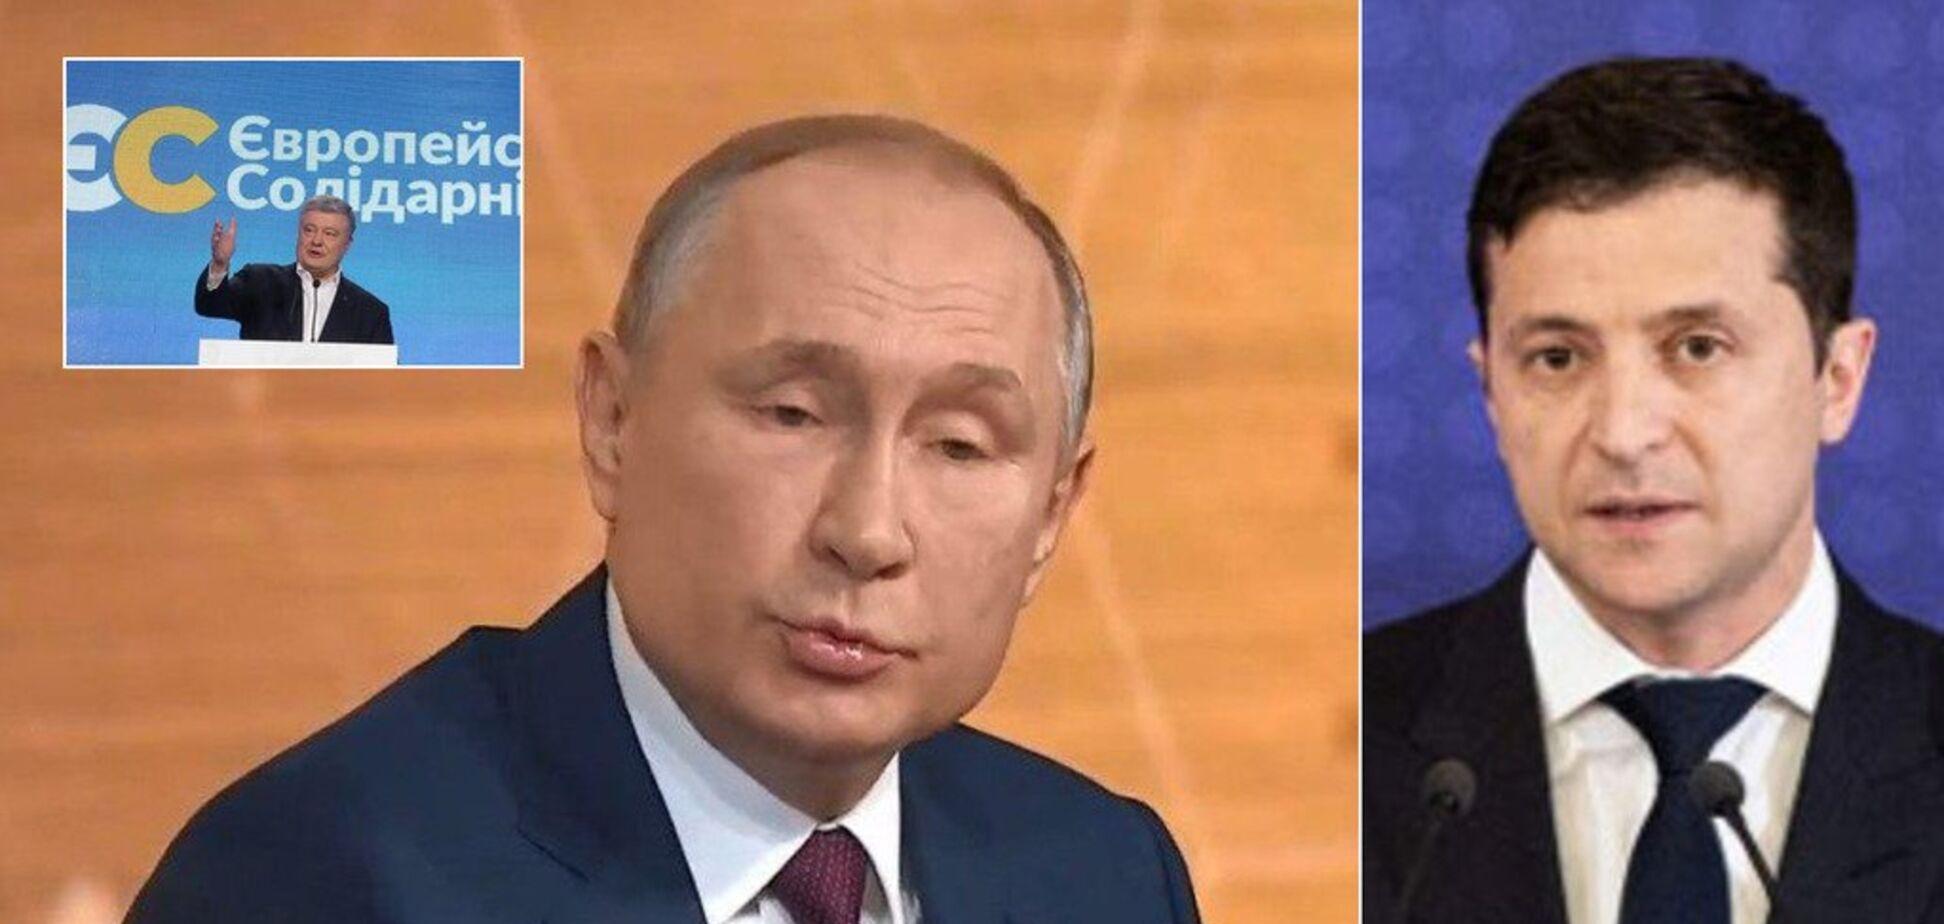 Путін замахнувся на українське Причорномор'я: від Зеленського зажадали реакції